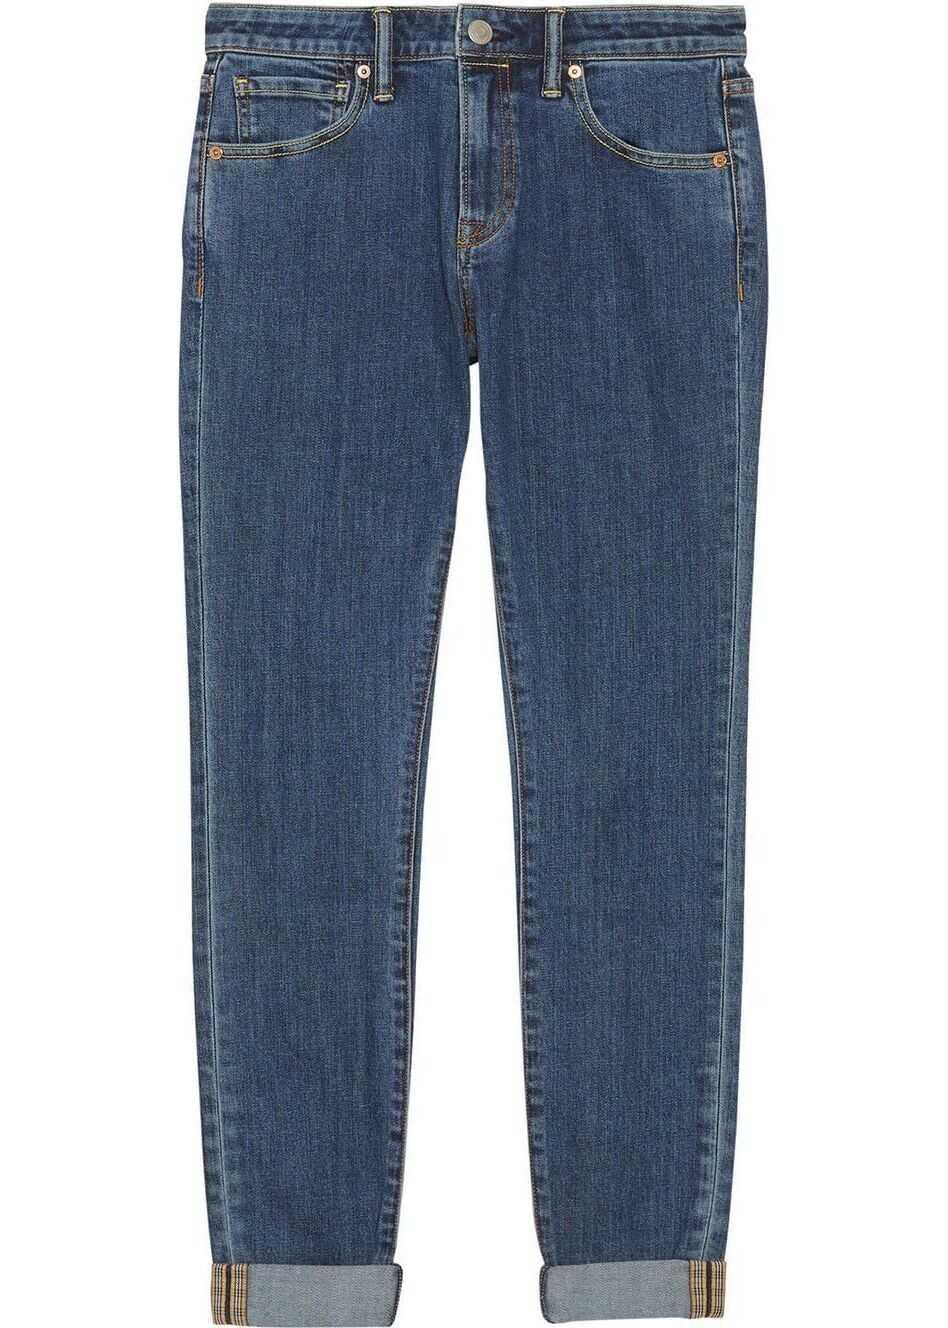 Burberry Cotton Jeans BLUE